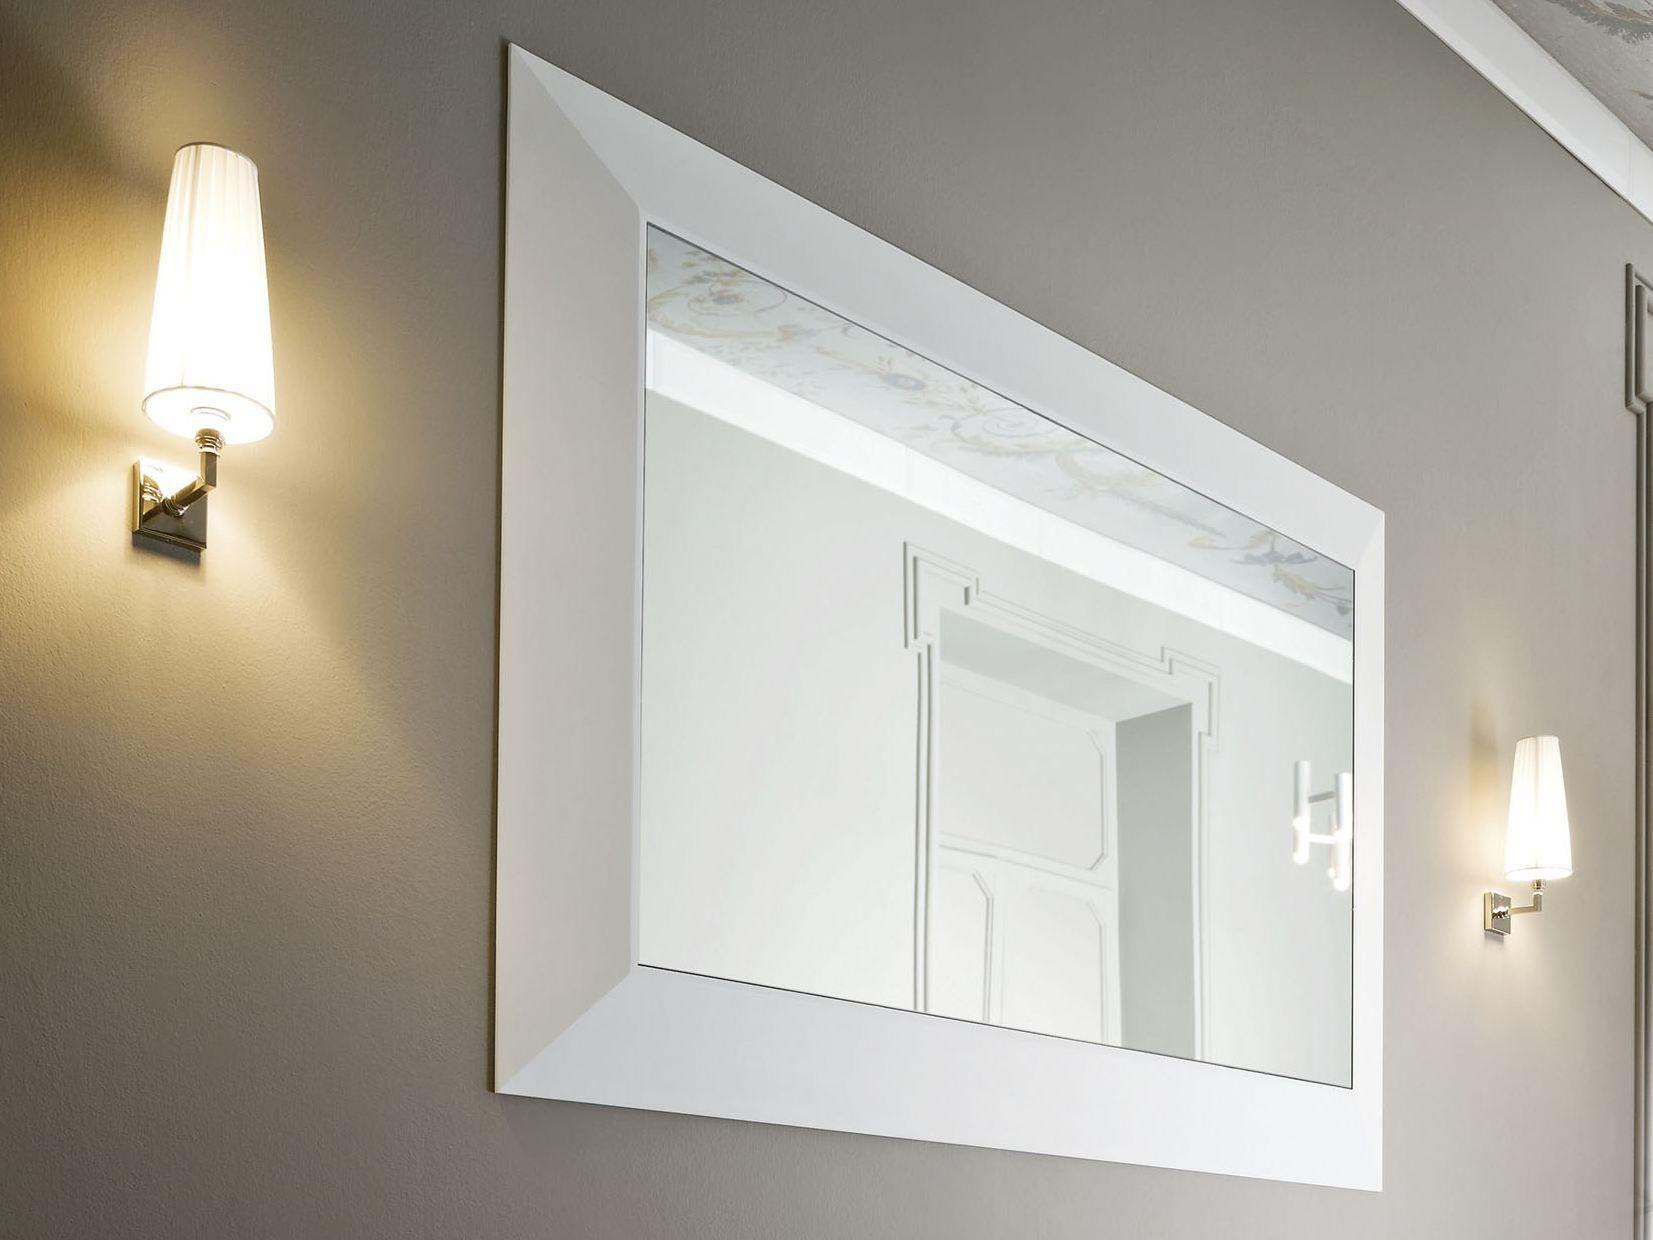 spiegel beleuchtung bad schweiz startseite rausch. Black Bedroom Furniture Sets. Home Design Ideas